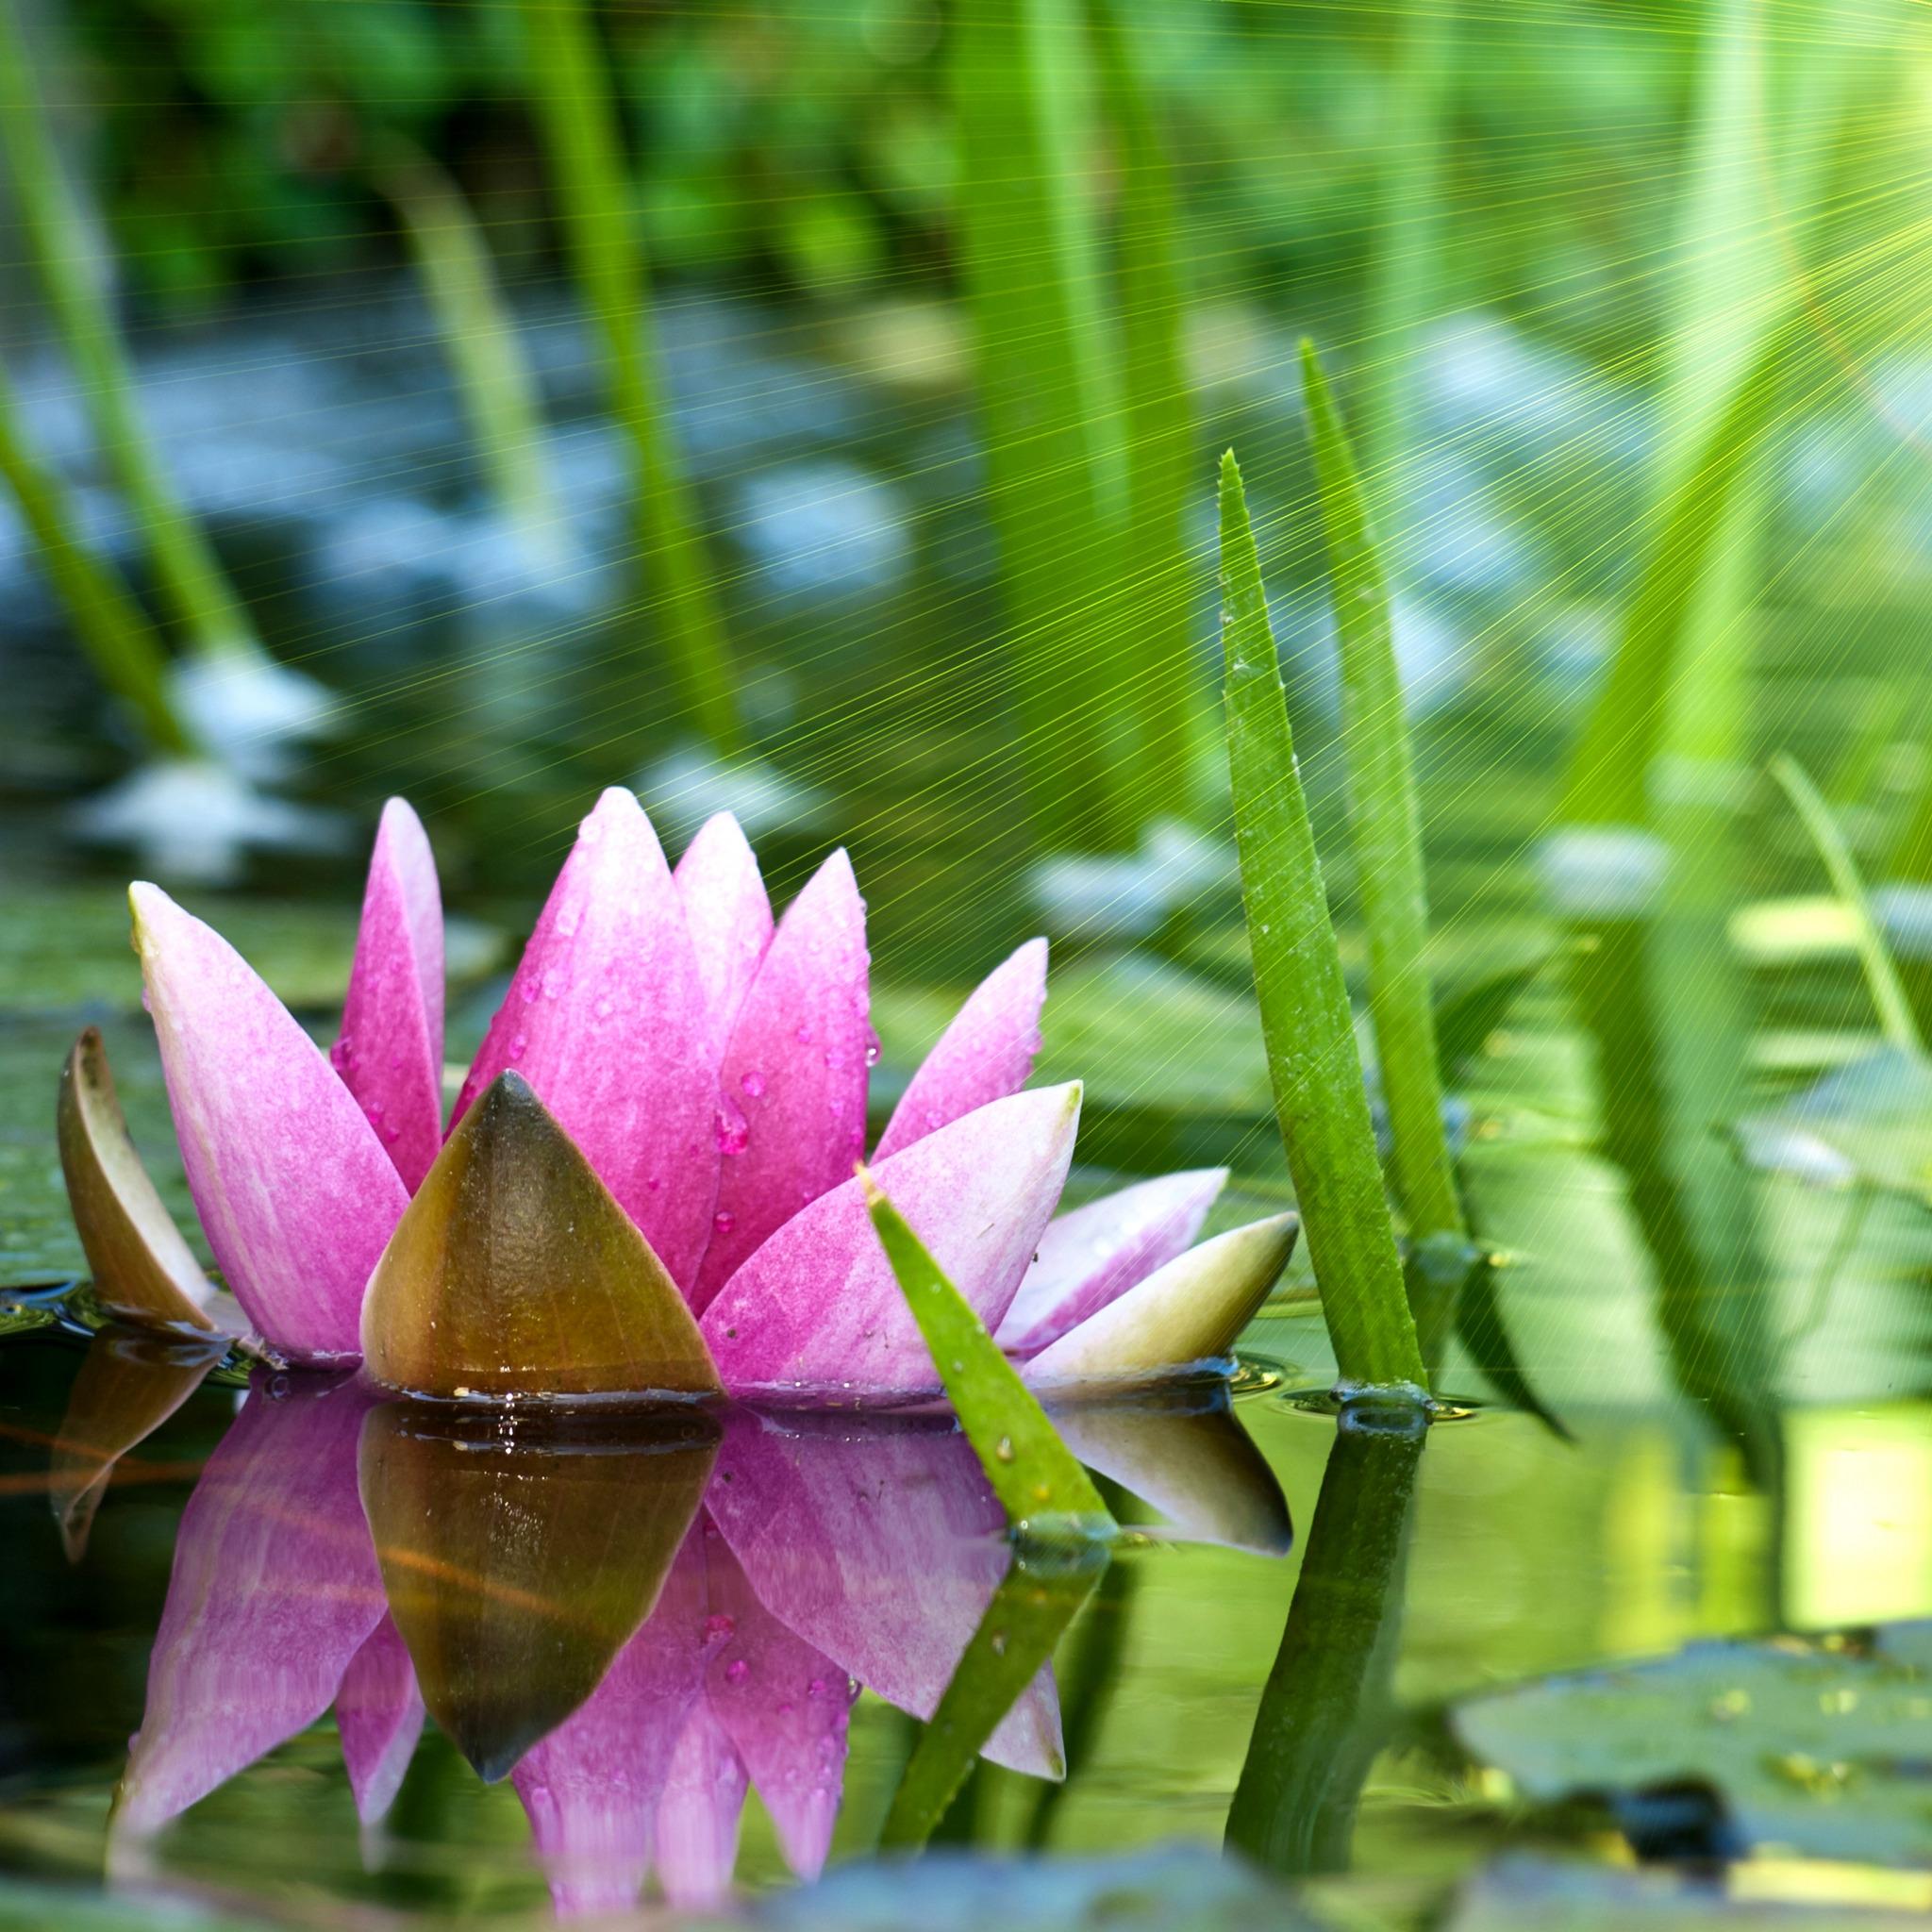 лилии озеро отражение  № 3274782 бесплатно